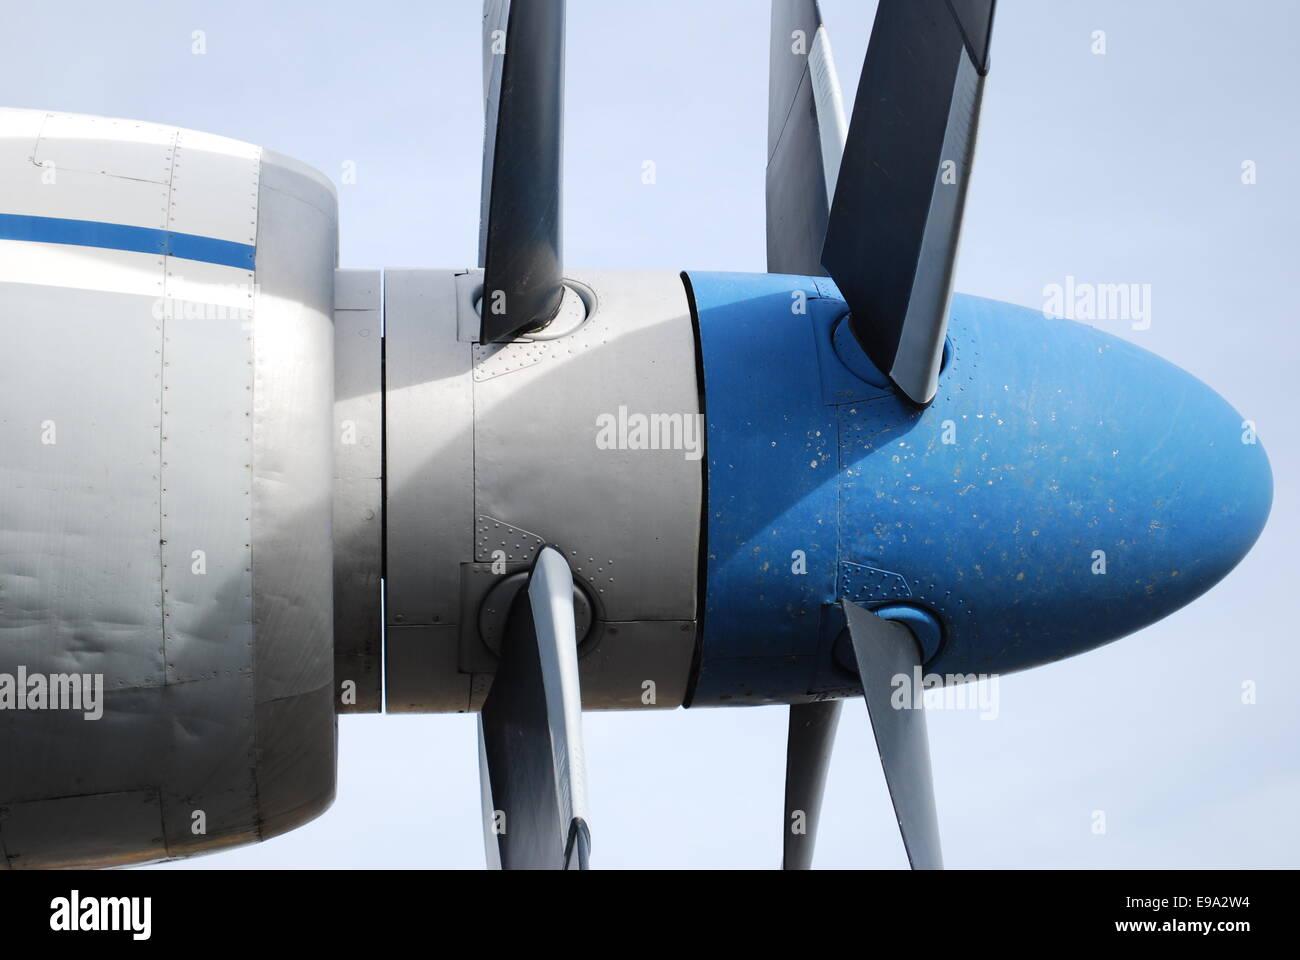 airscrew - Stock Image